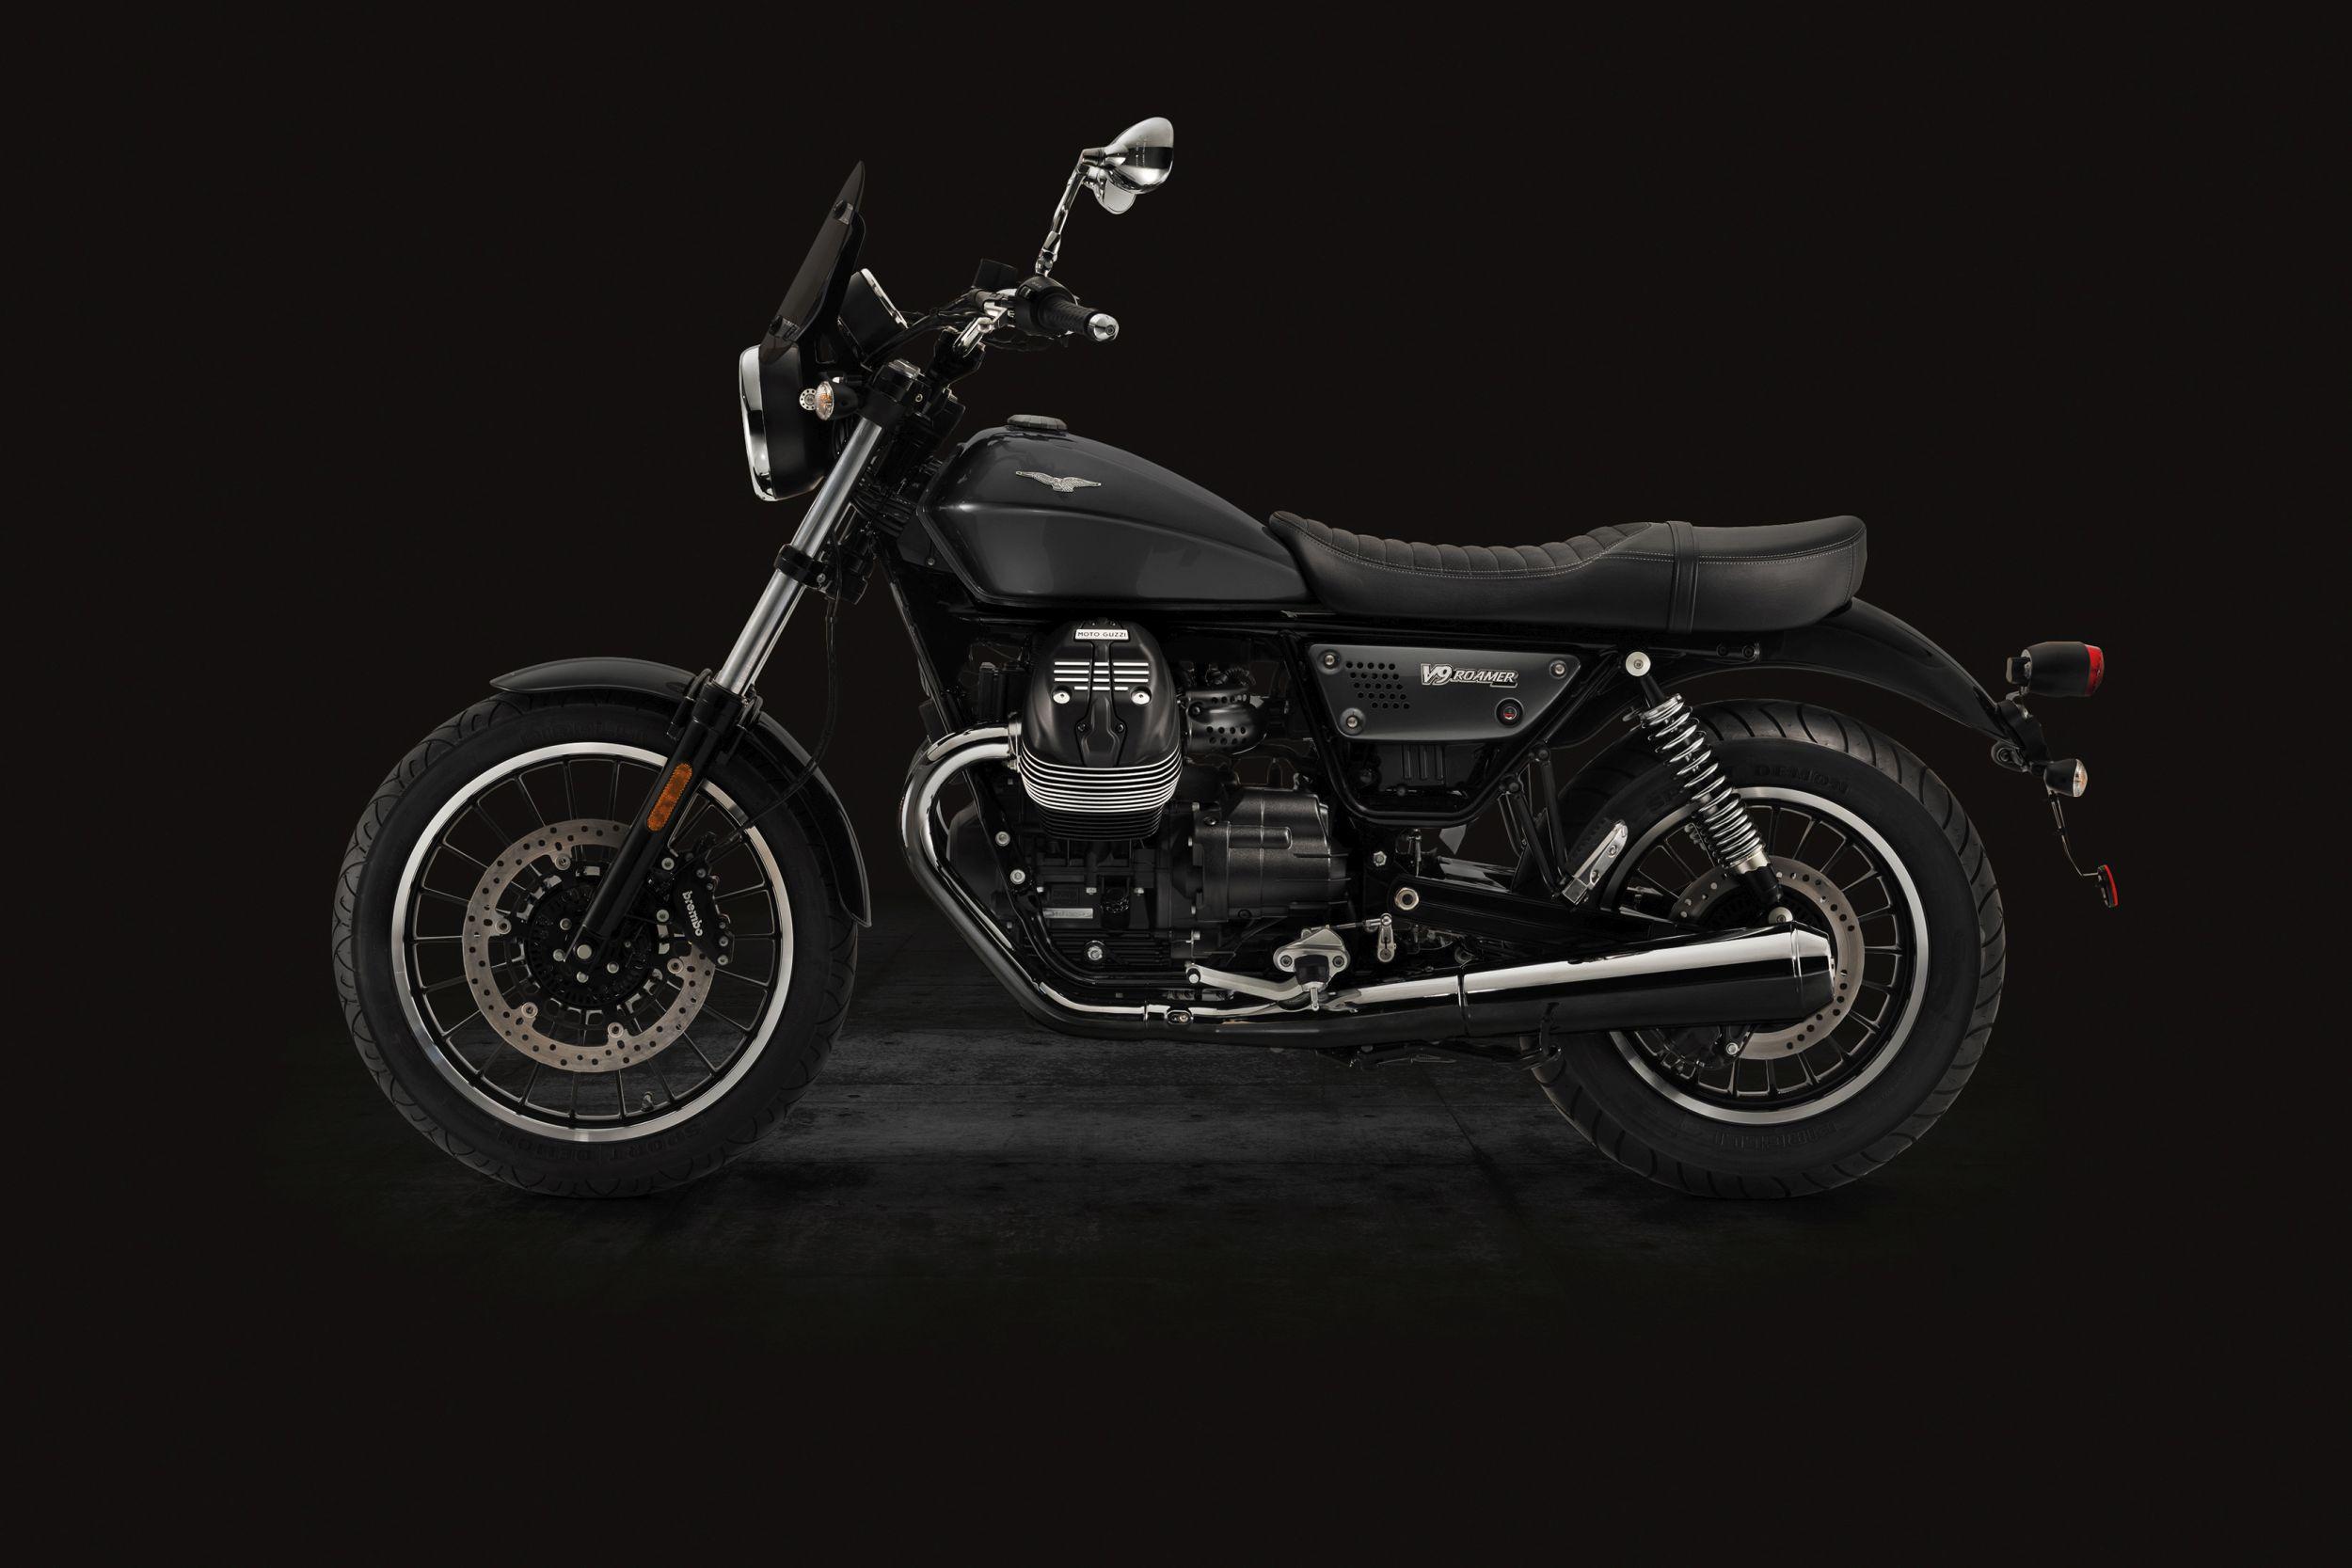 gebrauchte und neue moto guzzi v9 roamer motorr der kaufen. Black Bedroom Furniture Sets. Home Design Ideas